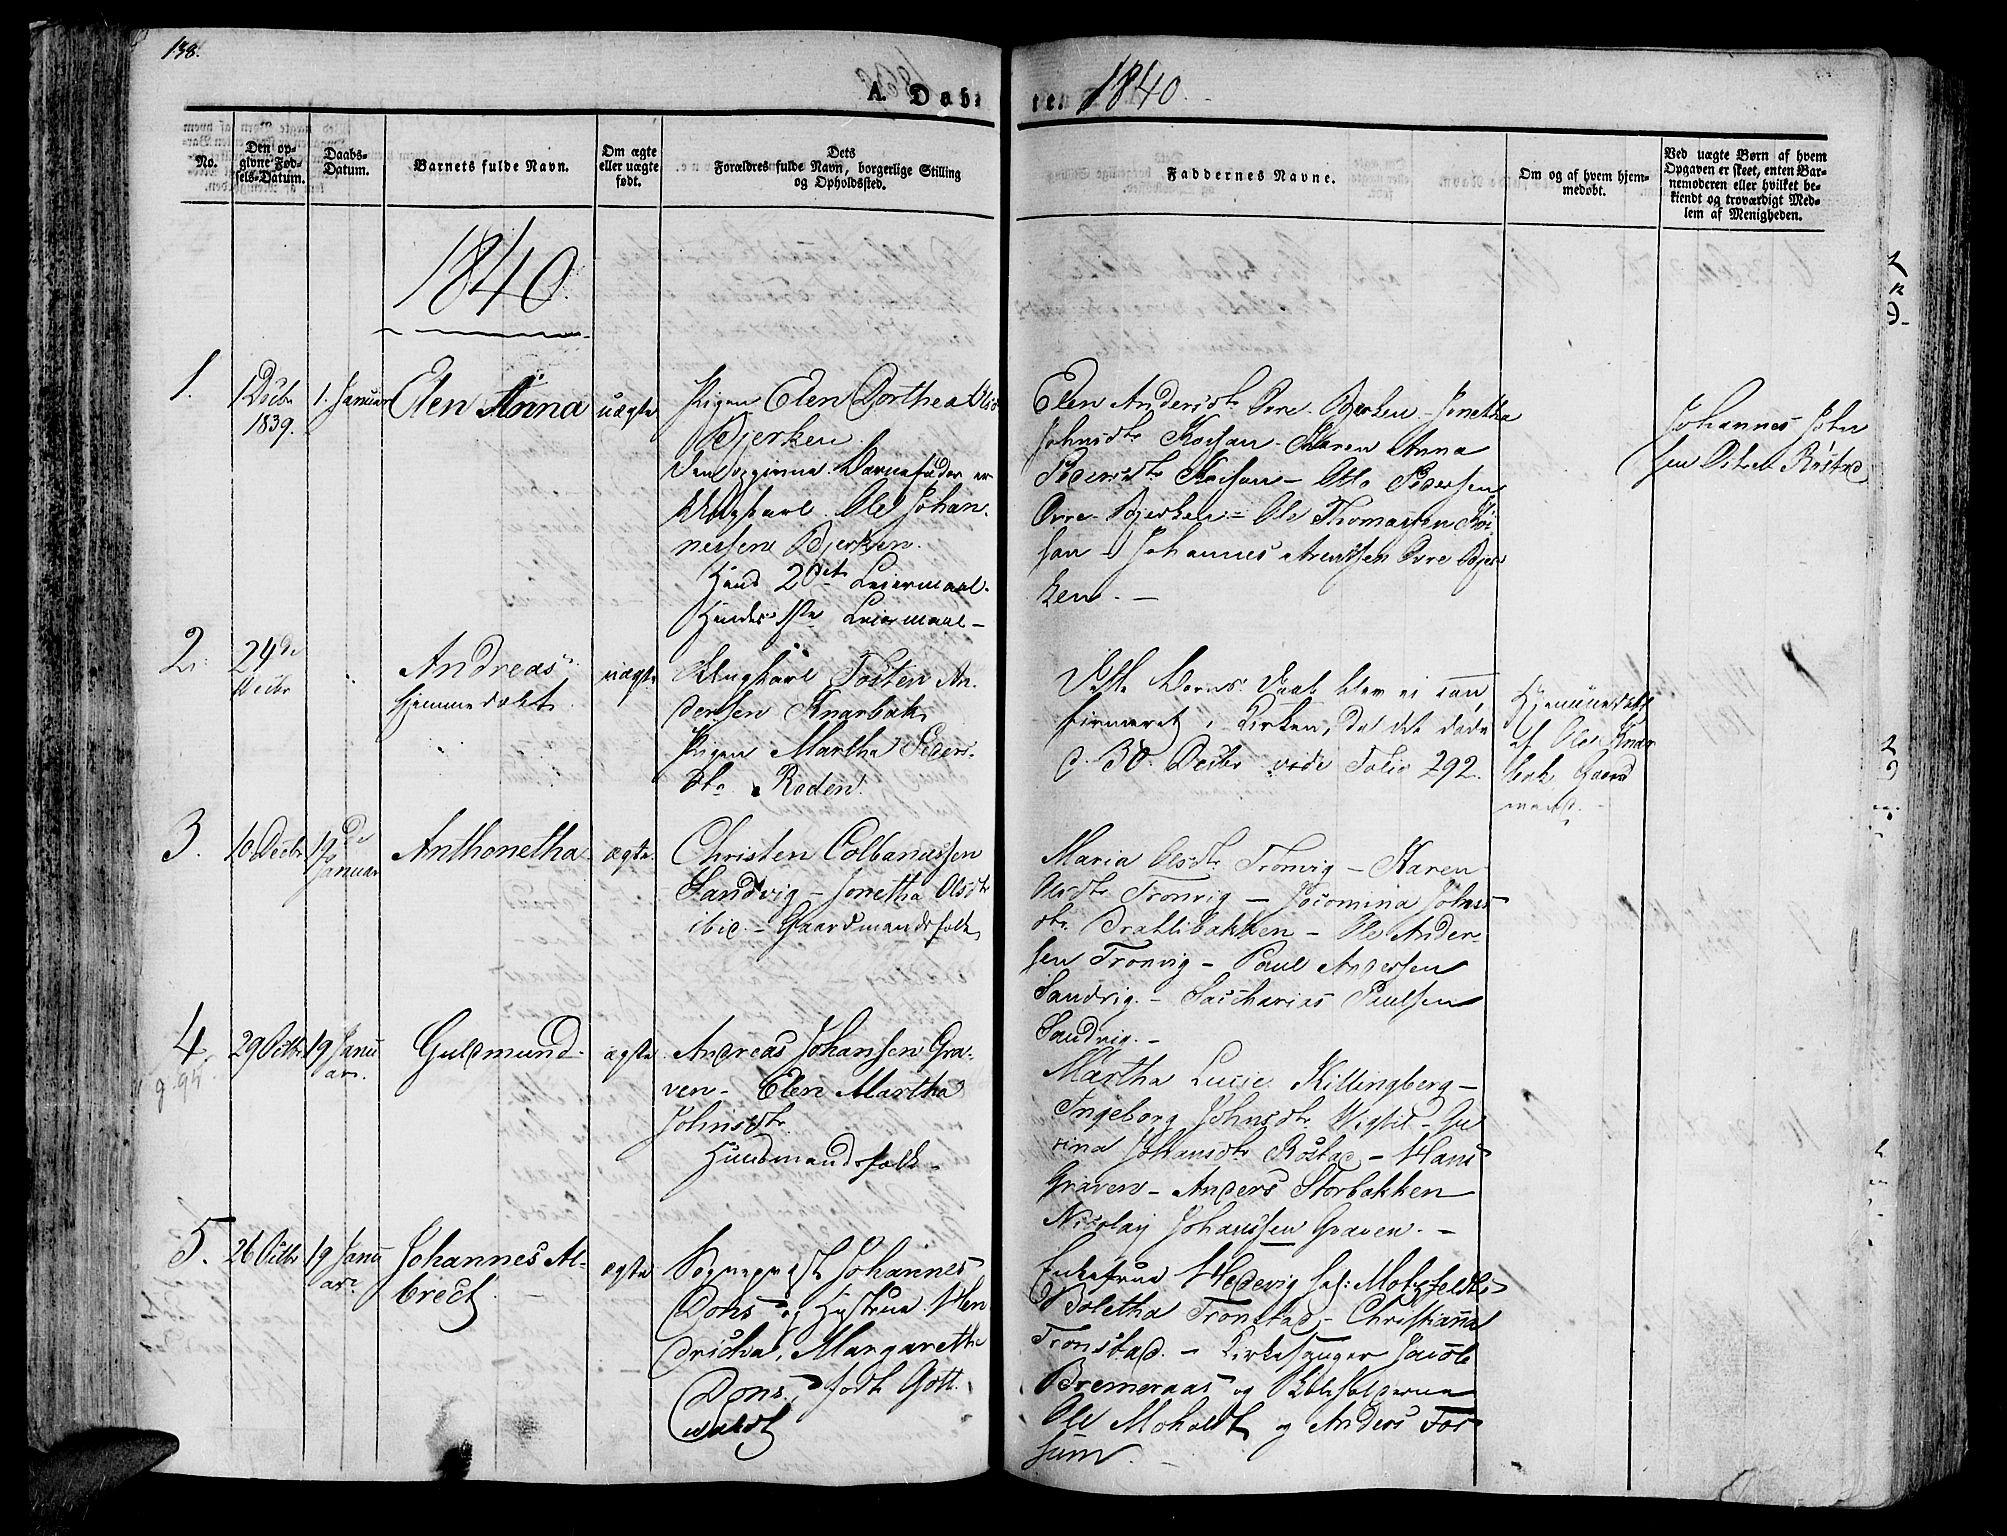 SAT, Ministerialprotokoller, klokkerbøker og fødselsregistre - Nord-Trøndelag, 701/L0006: Ministerialbok nr. 701A06, 1825-1841, s. 138